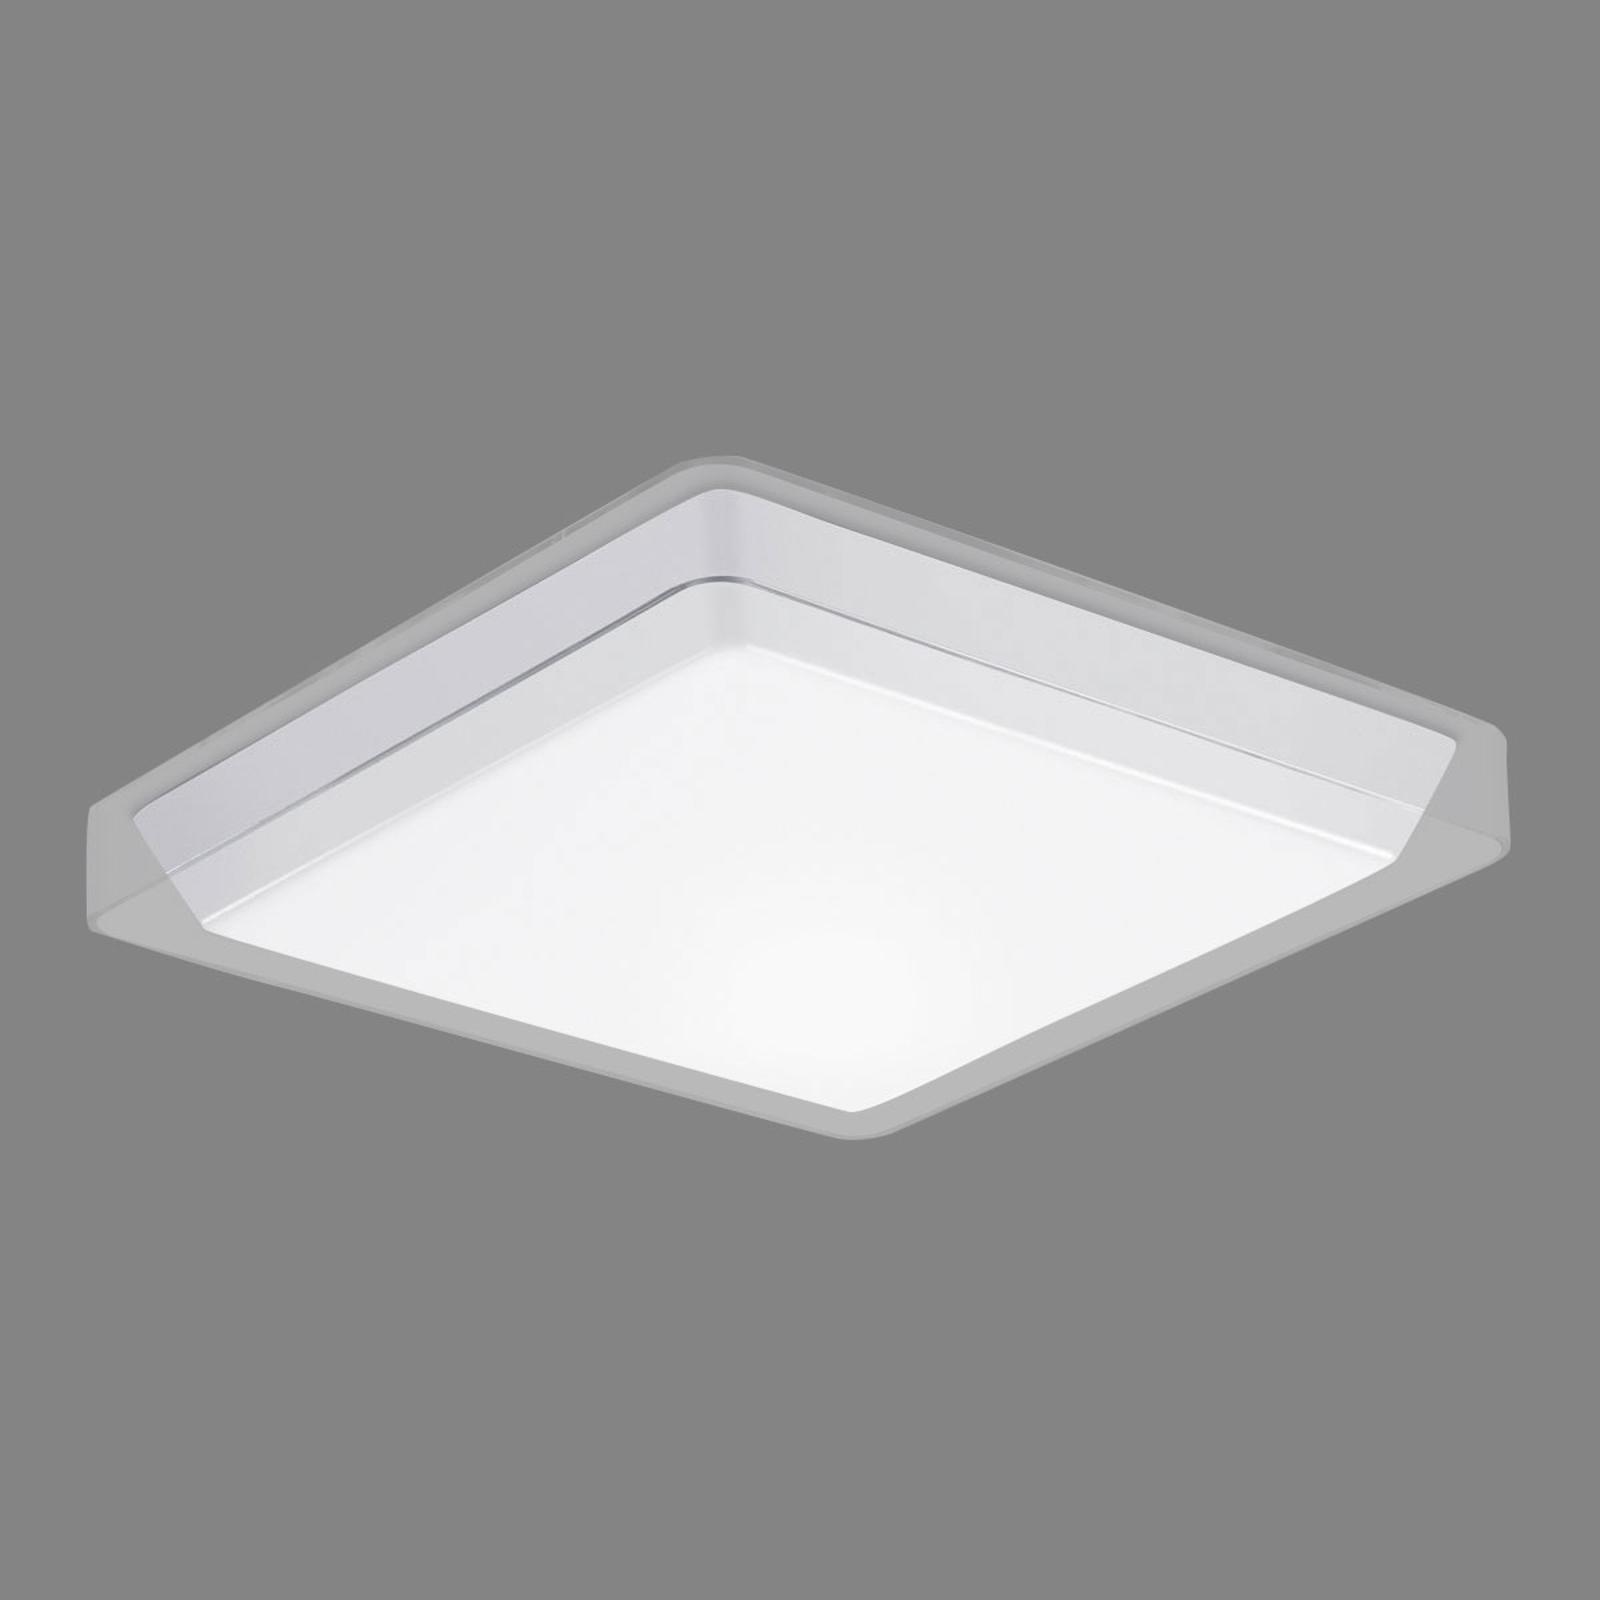 Lampa sufitowa LED KL375, ciepła biel